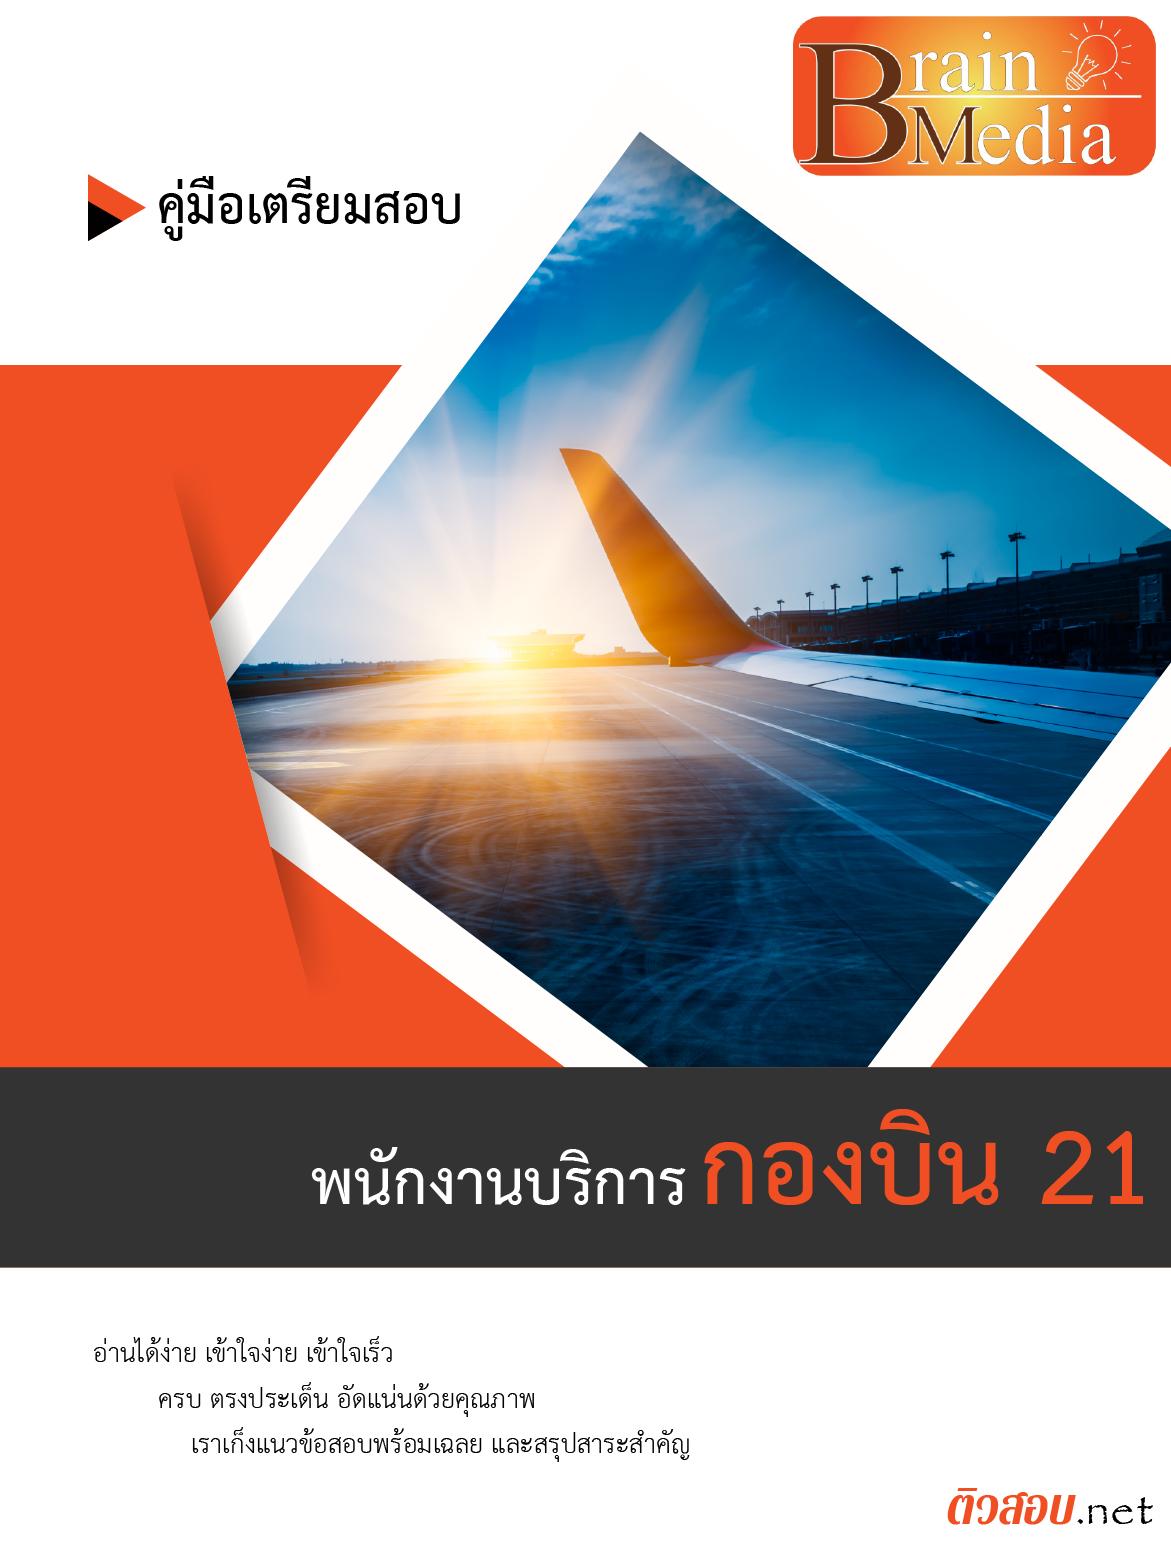 เฉลยแนวข้อสอบ พนักงานบริการ กองบิน 21